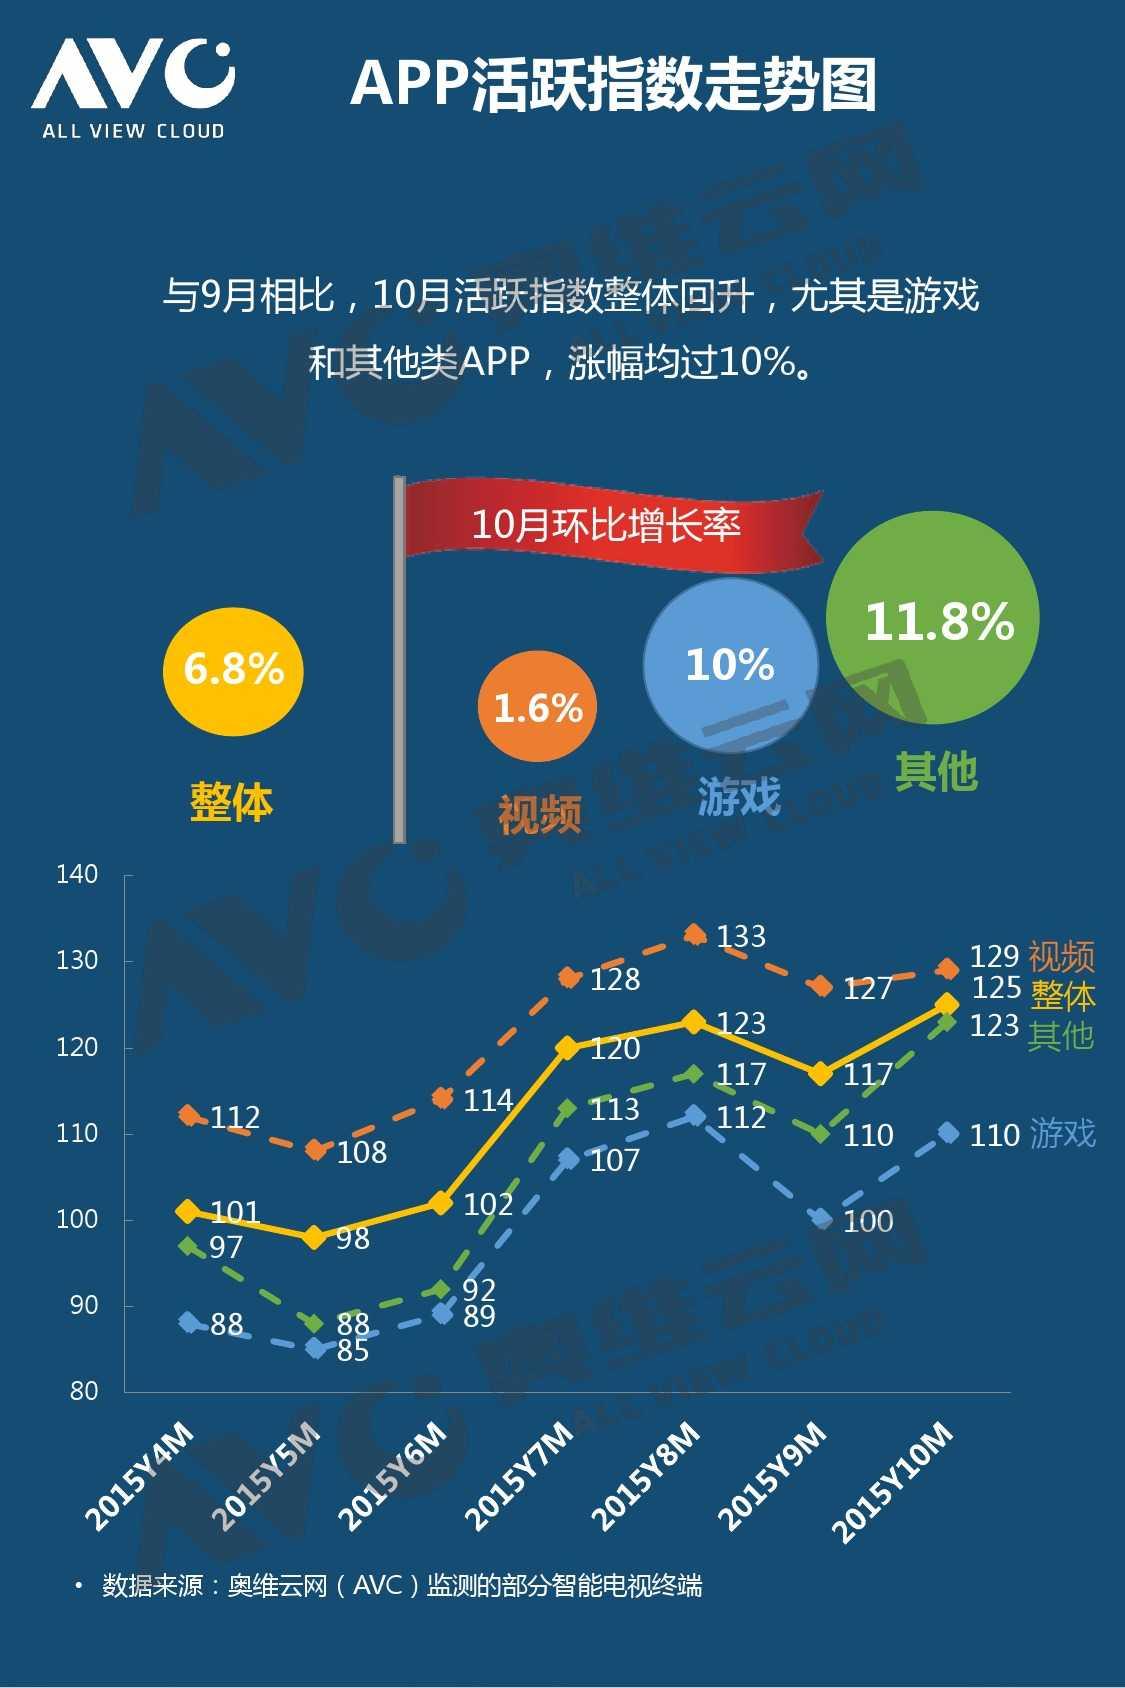 奥维云网:2015年10月份中国OTT发展研究_000007